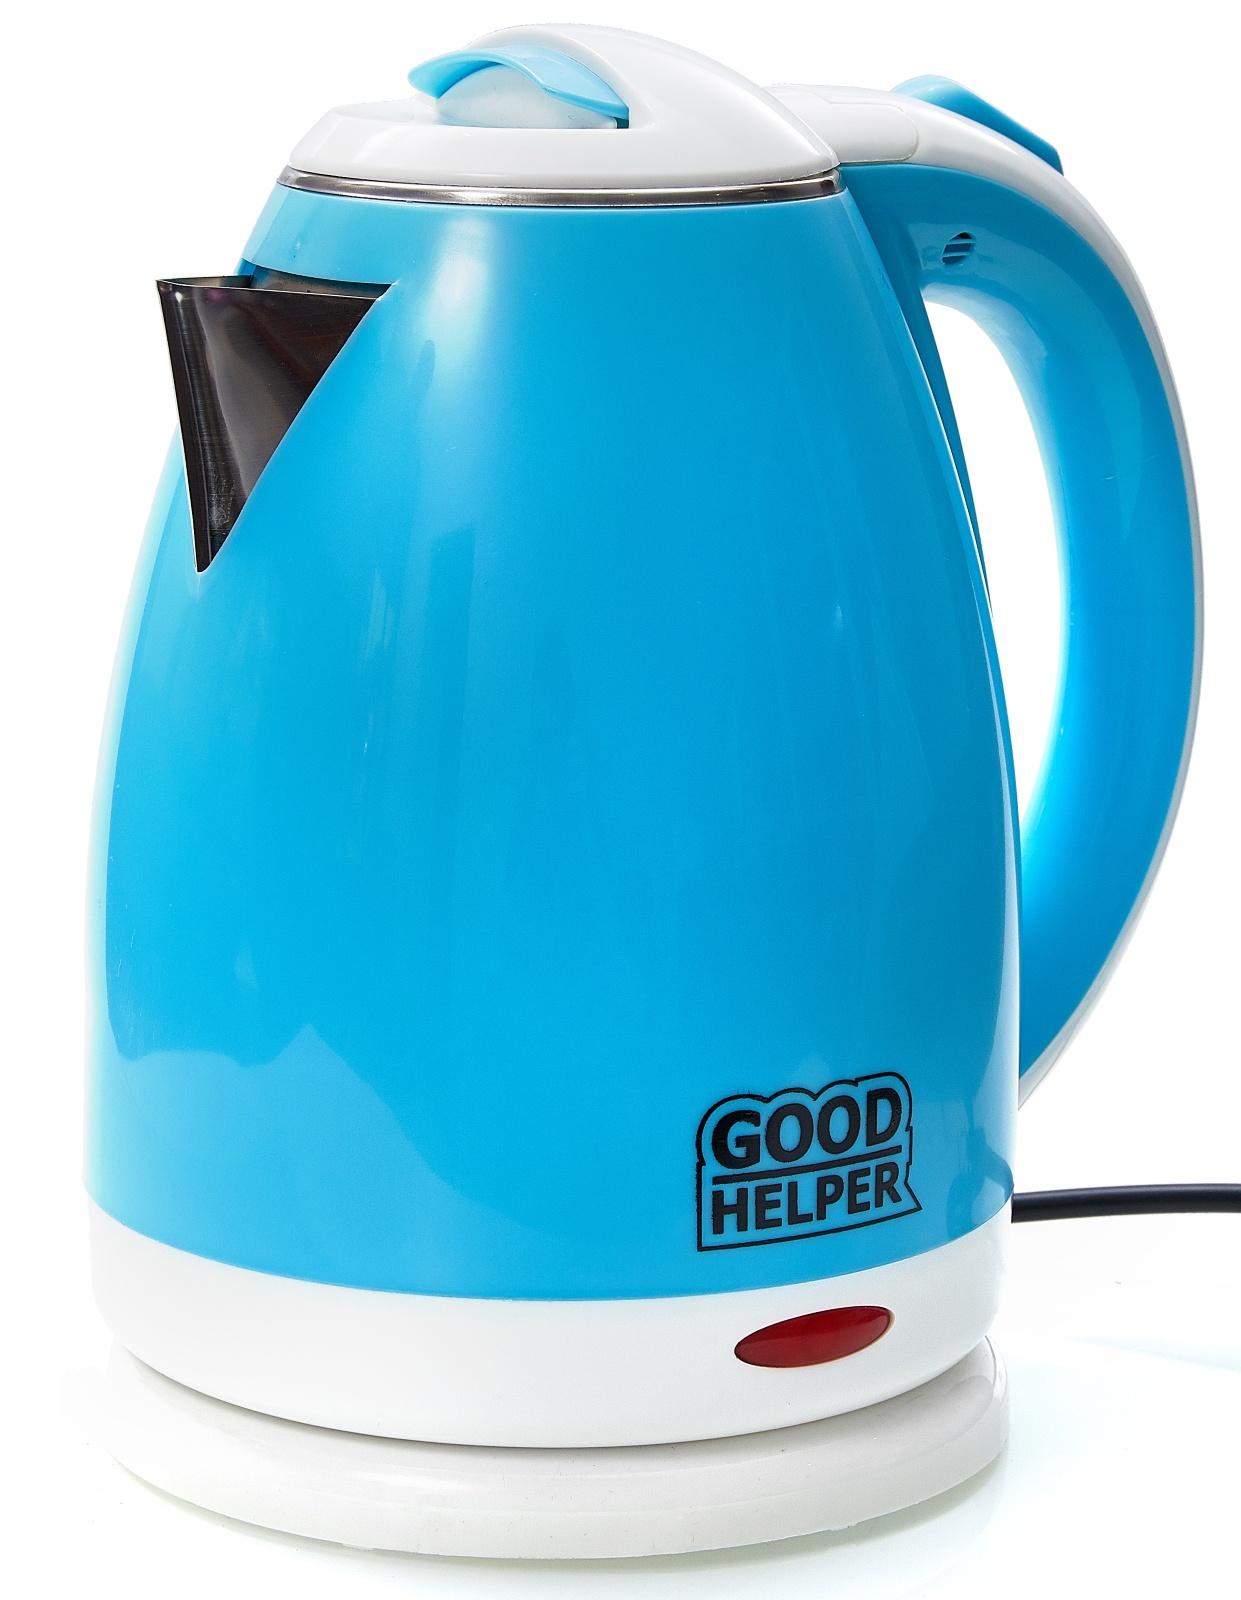 Электрический чайник GOODHELPER Чайник электрический GOODHELPER KPS-180C голубой, KPS-180C goodhelper kps 180c зеленый